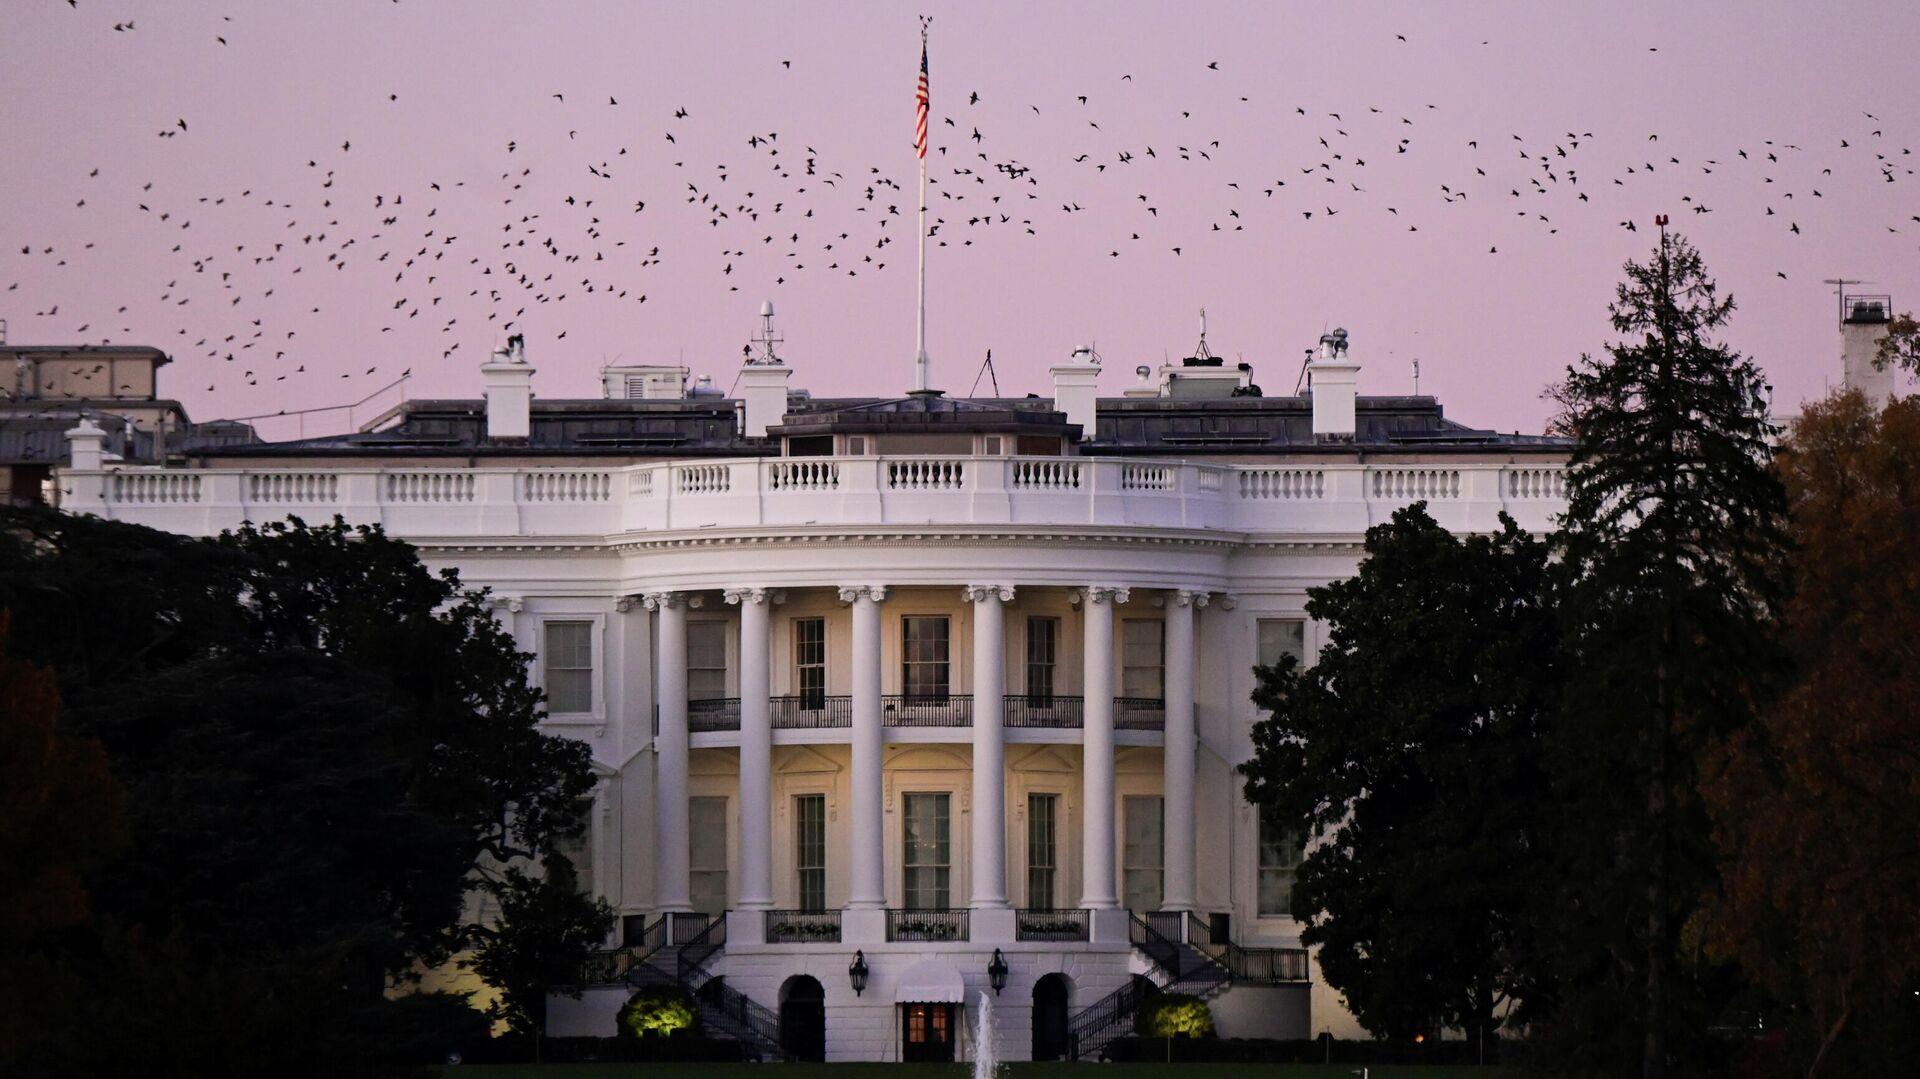 Белый дом, Вашингтон, США - РИА Новости, 1920, 02.12.2020